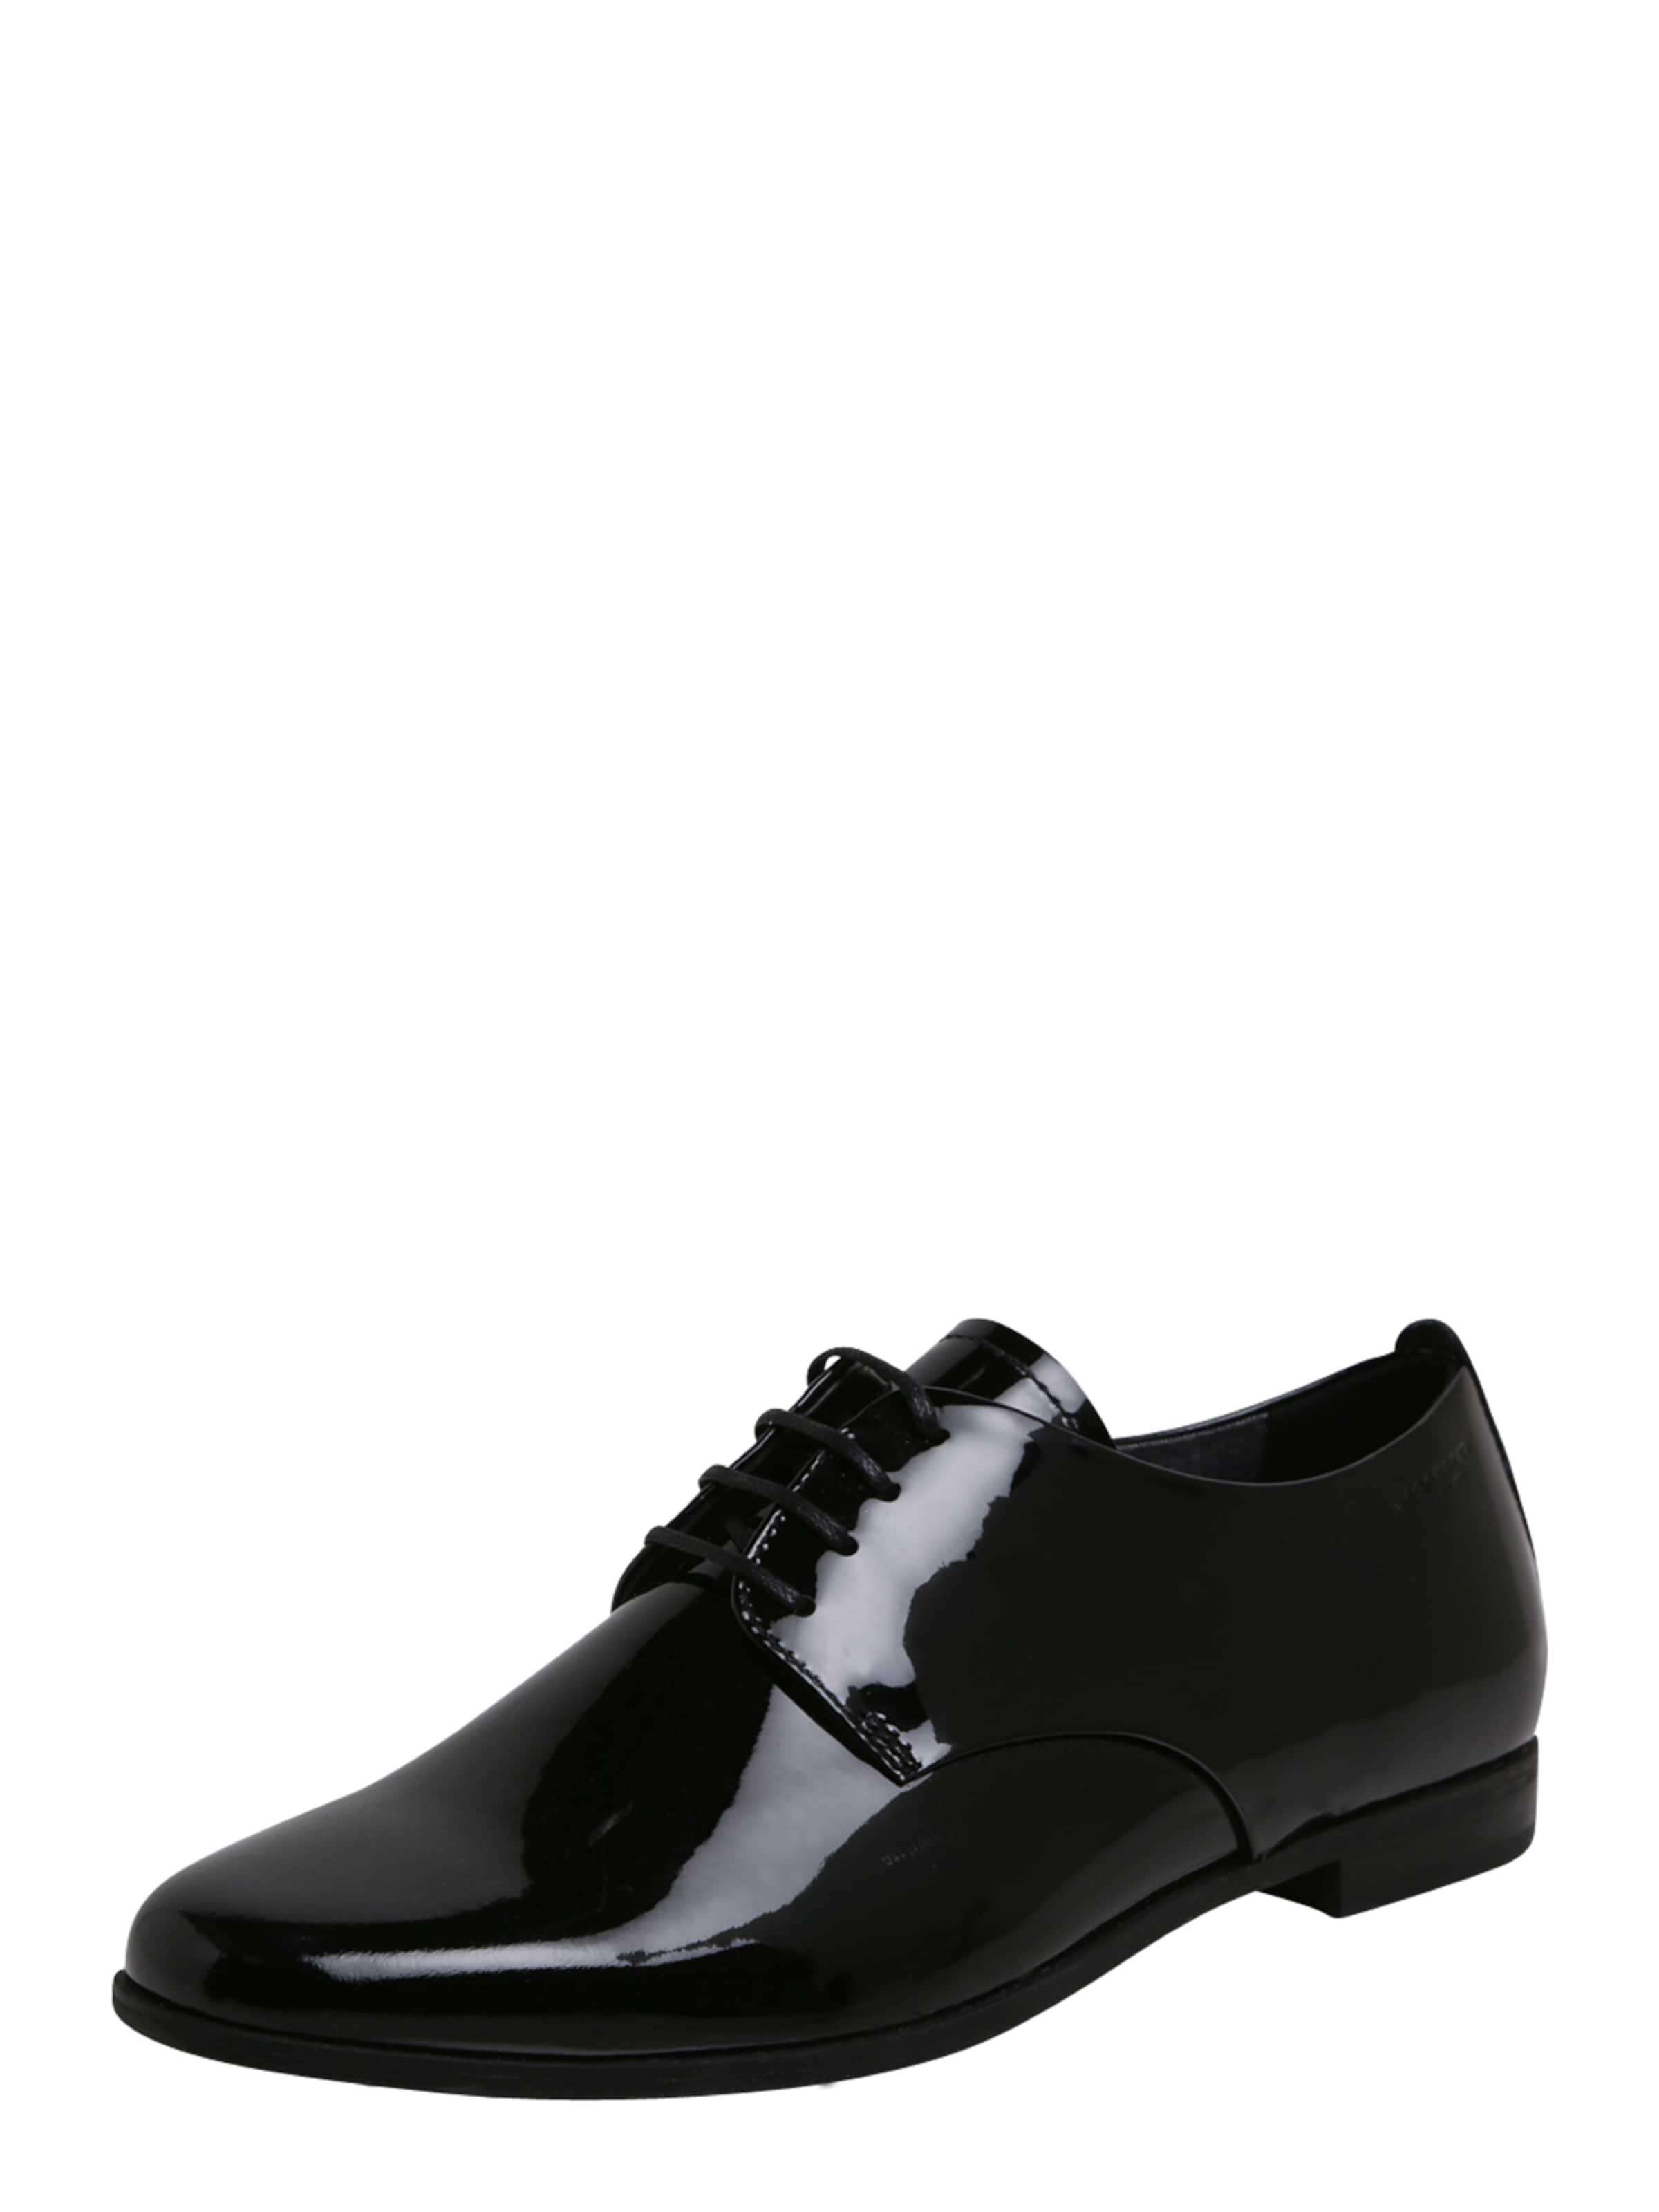 Verkaufsschlager VAGABOND SHOEMAKERS Schuhe 'Marilyn'  Spitzenreiter Niedrige Versandgebühr Günstiger Preis Vi6pZo7